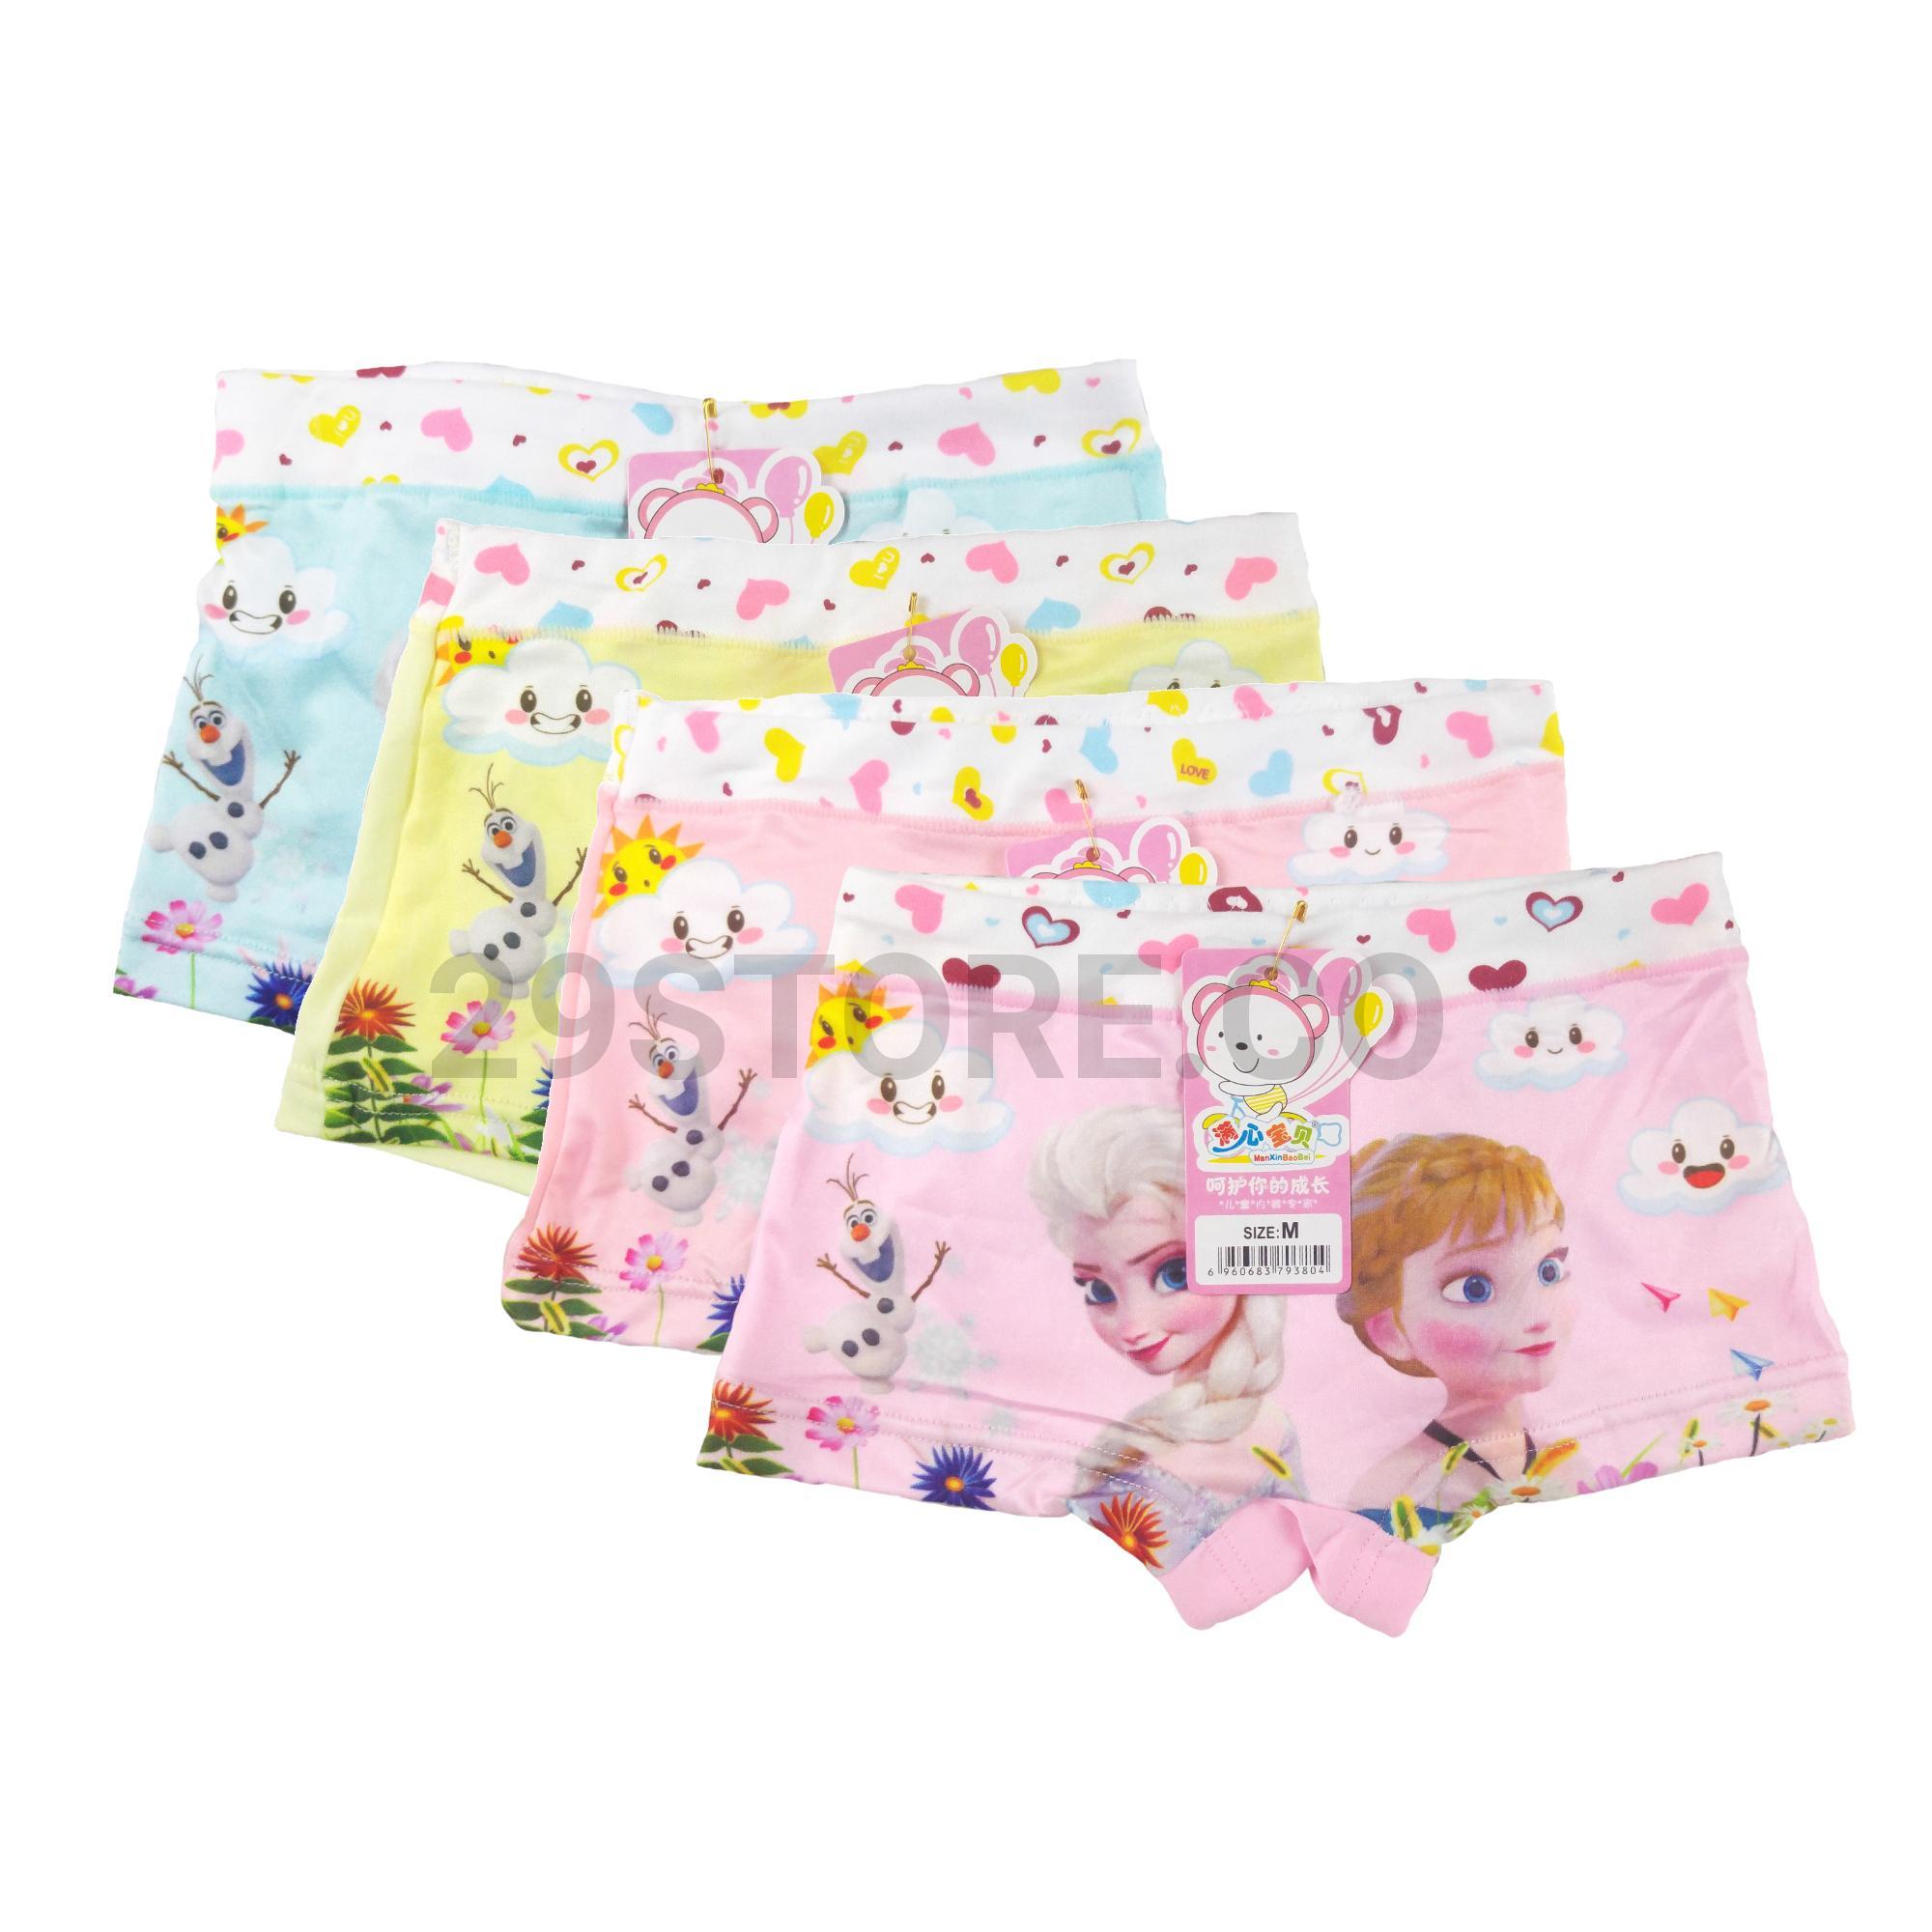 Baju Tidur Anak Perempuan Termurah Bayi Jumper Kodok 2 Pcs Karakter Baby Zebra 3 Cd Celana Dalam Boxer Cewek